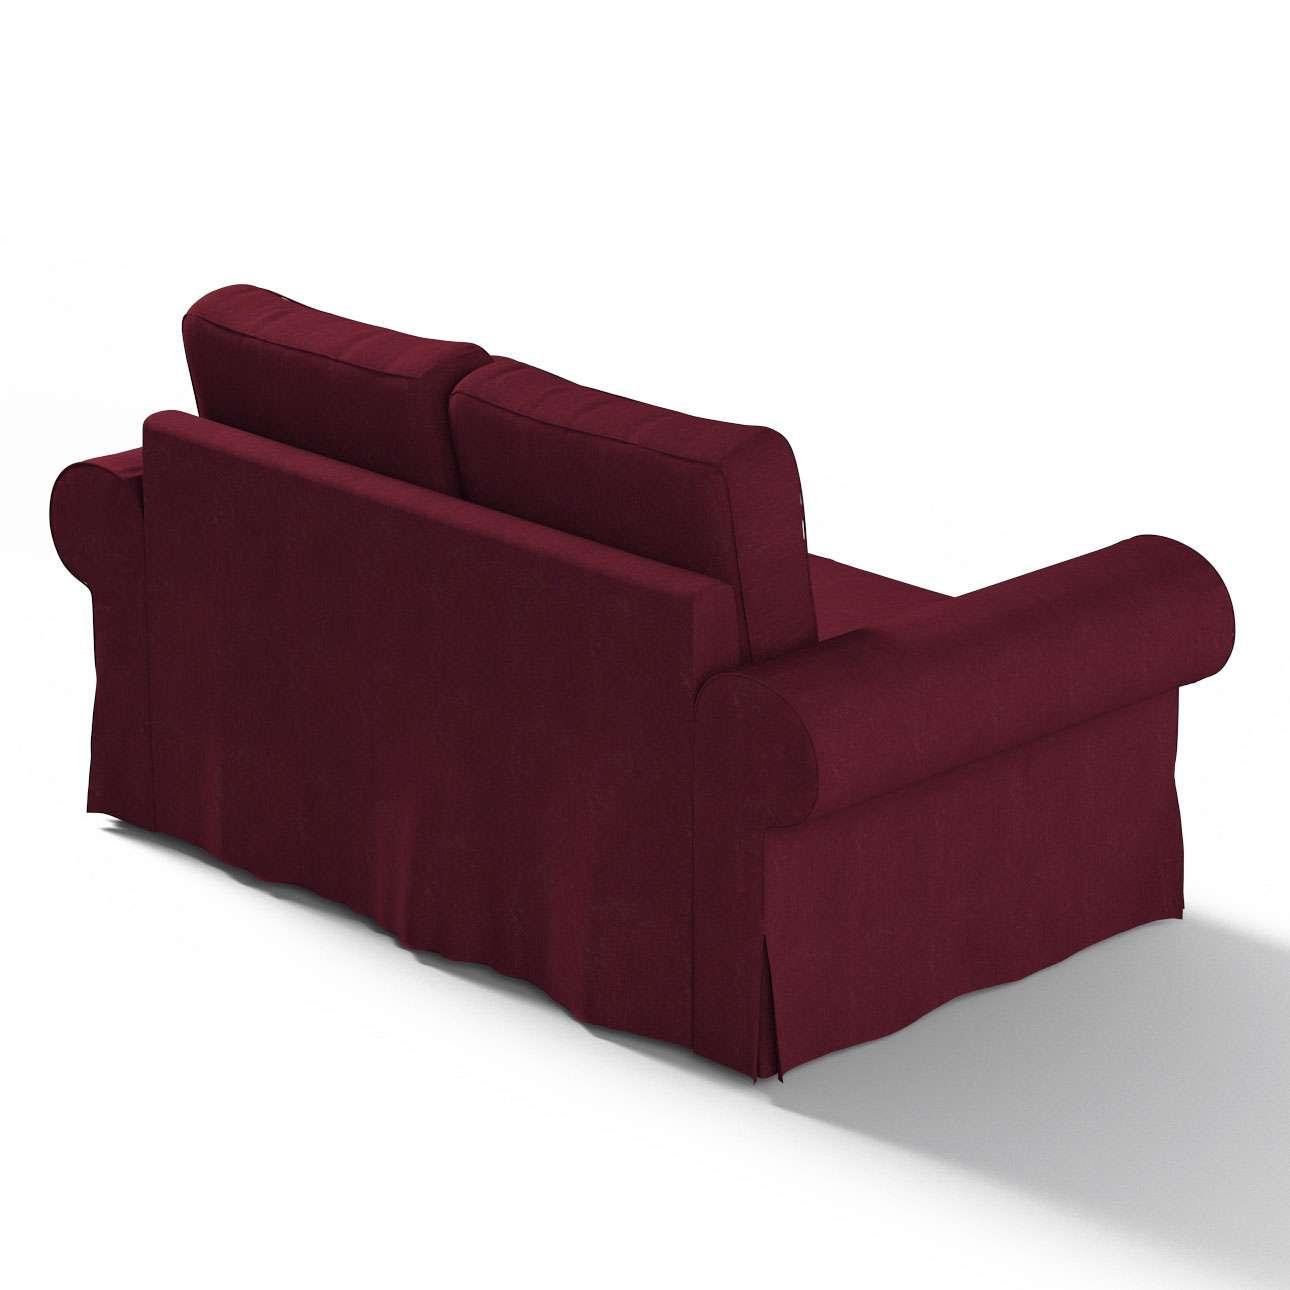 Pokrowiec na sofę Backabro 2-osobową rozkładaną sofa Backabro 2-osobowa rozkładana w kolekcji Chenille, tkanina: 702-19